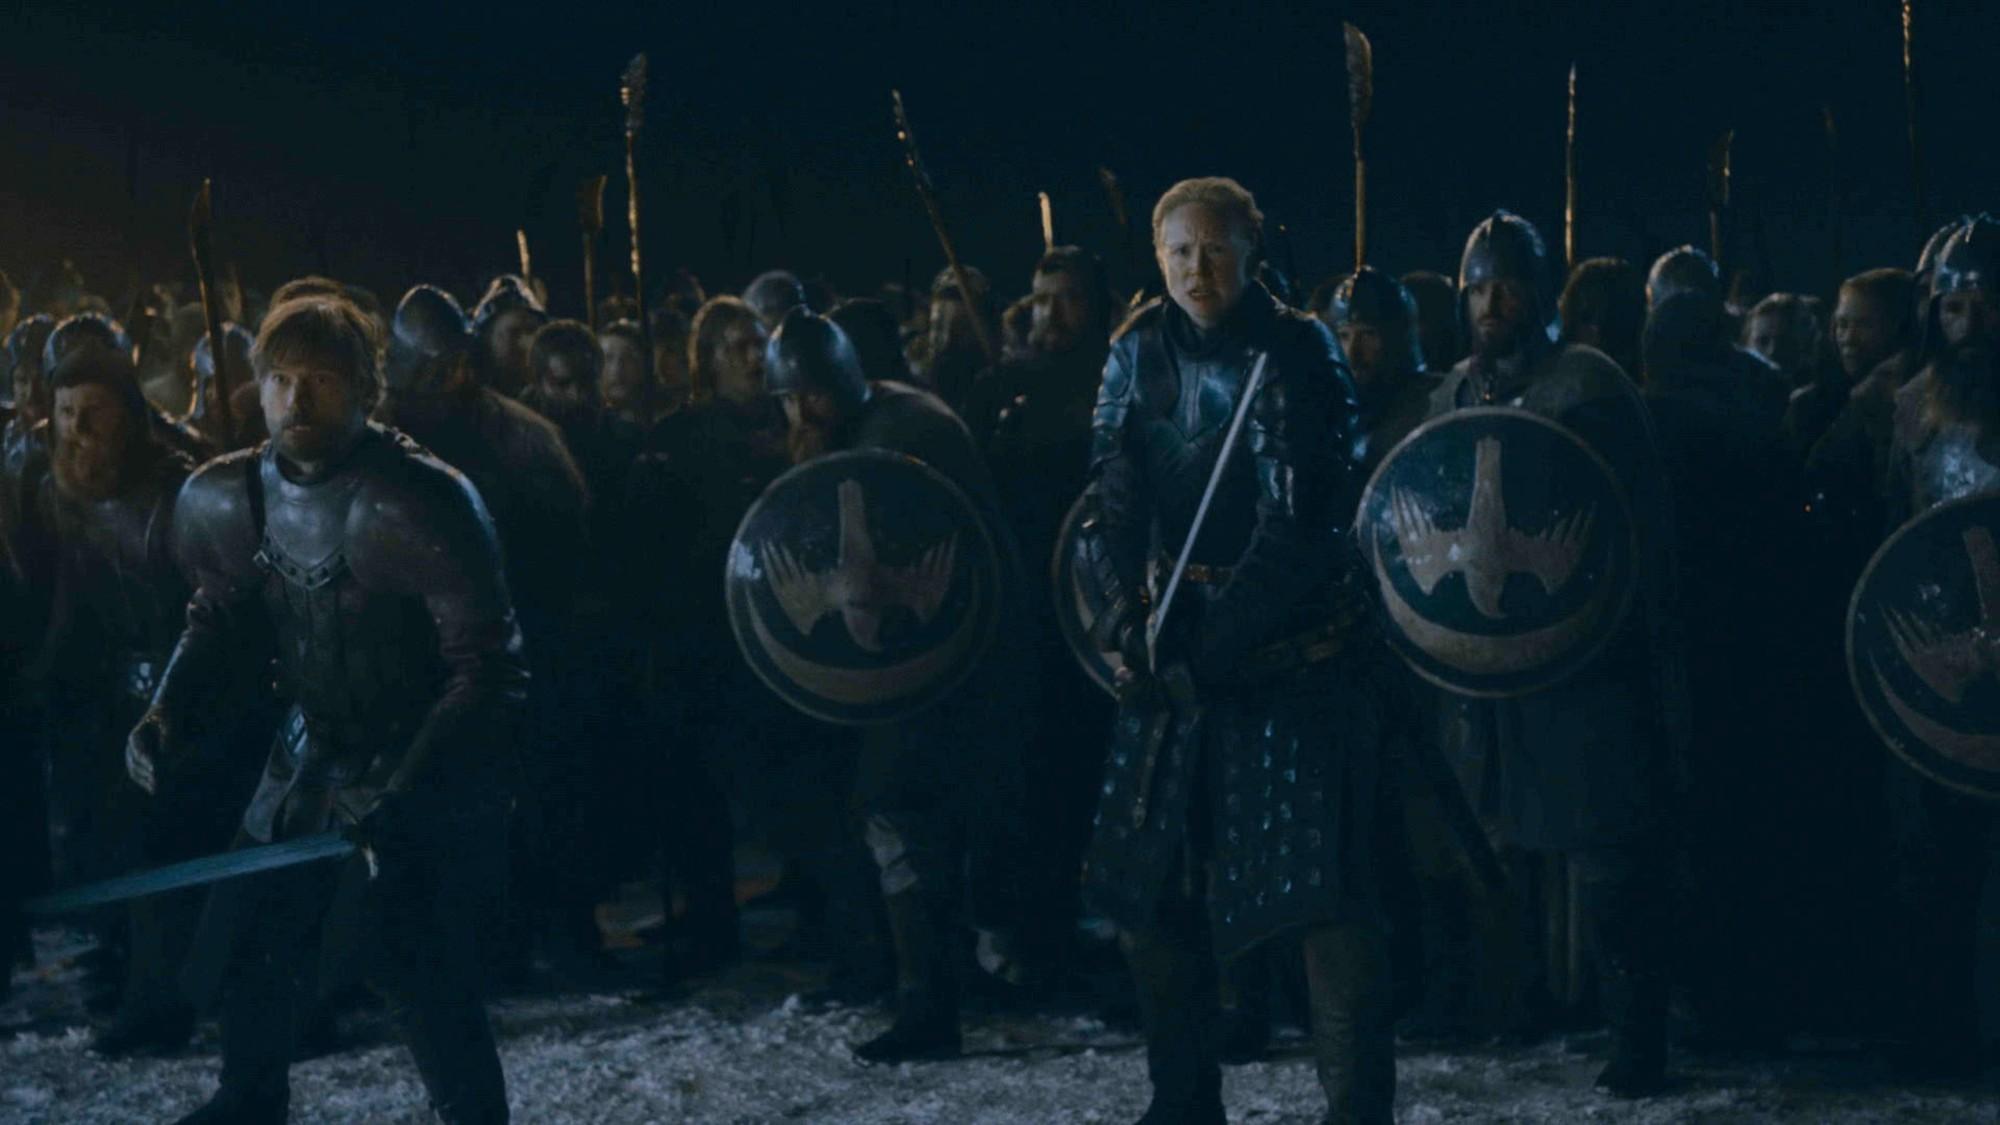 Game of Thrones: 8 năm tuyệt vời hủy hoại tan tành trong 2 tập rưỡi? - Ảnh 10.